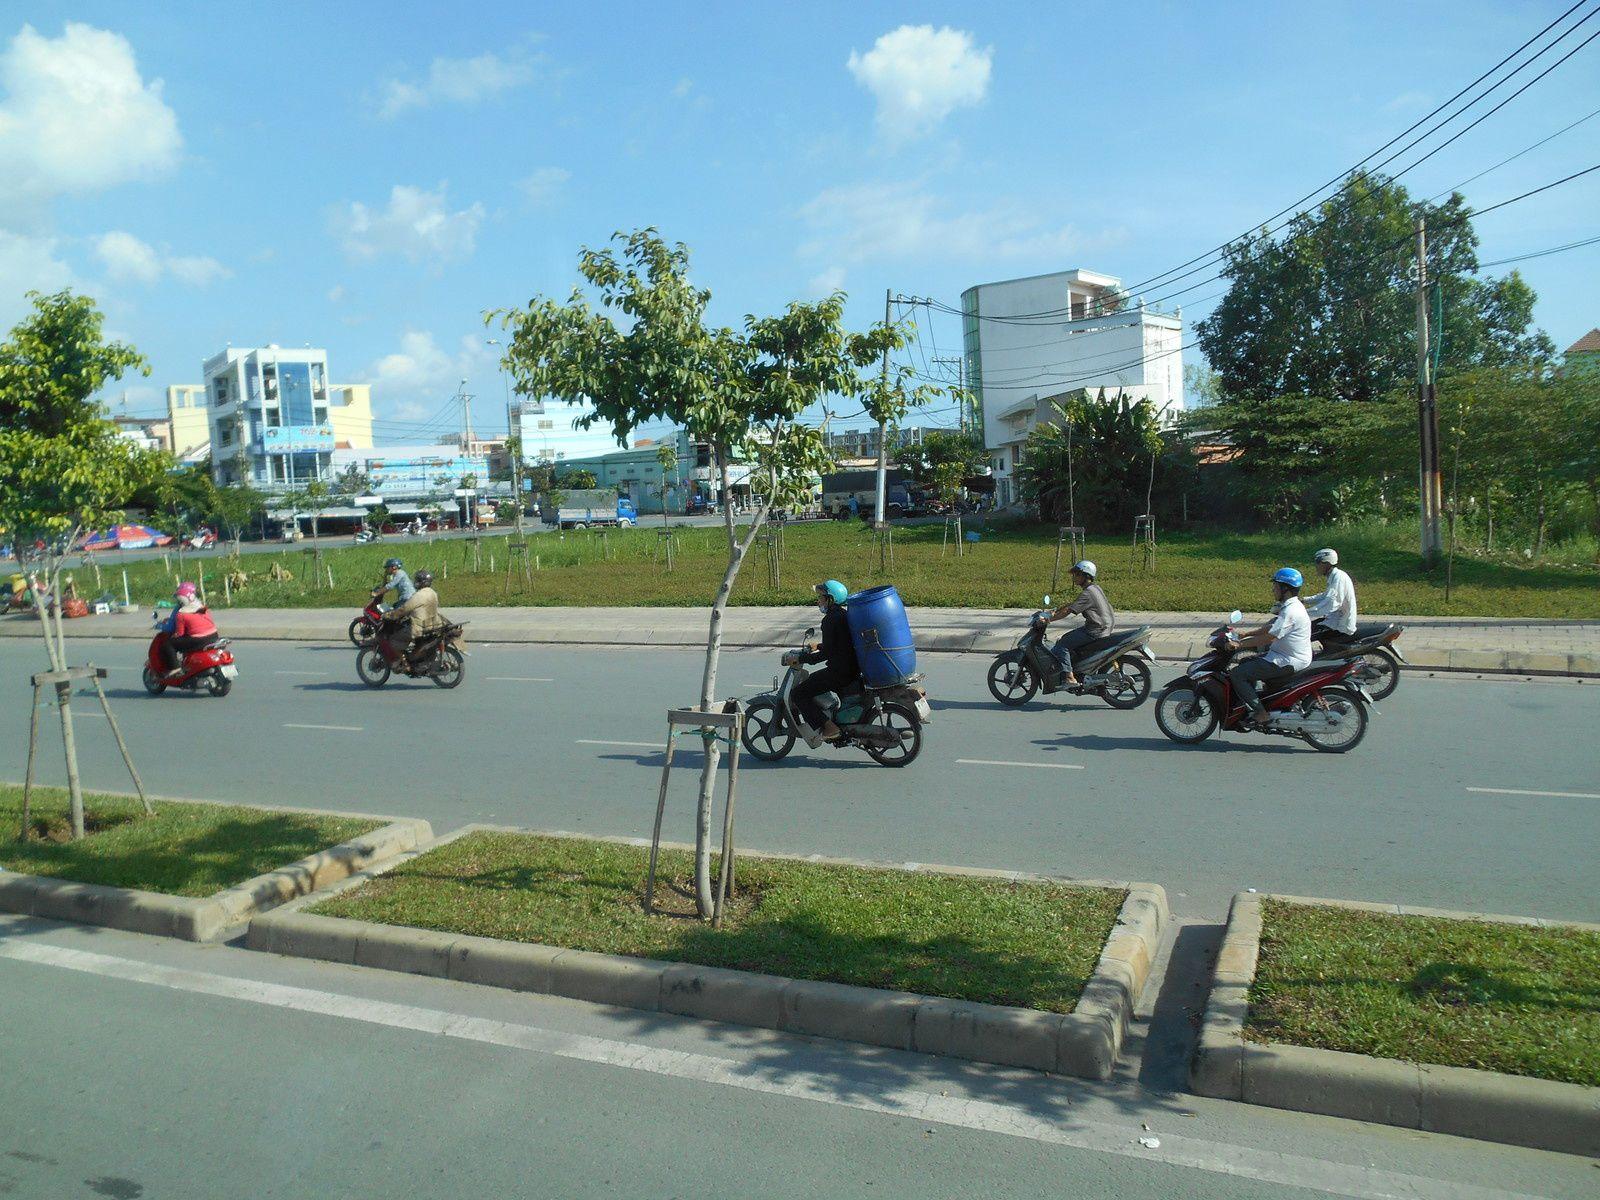 Viet Nam: 3ème jour -Le delta du Mékong et le marché flottant de Caï Rang